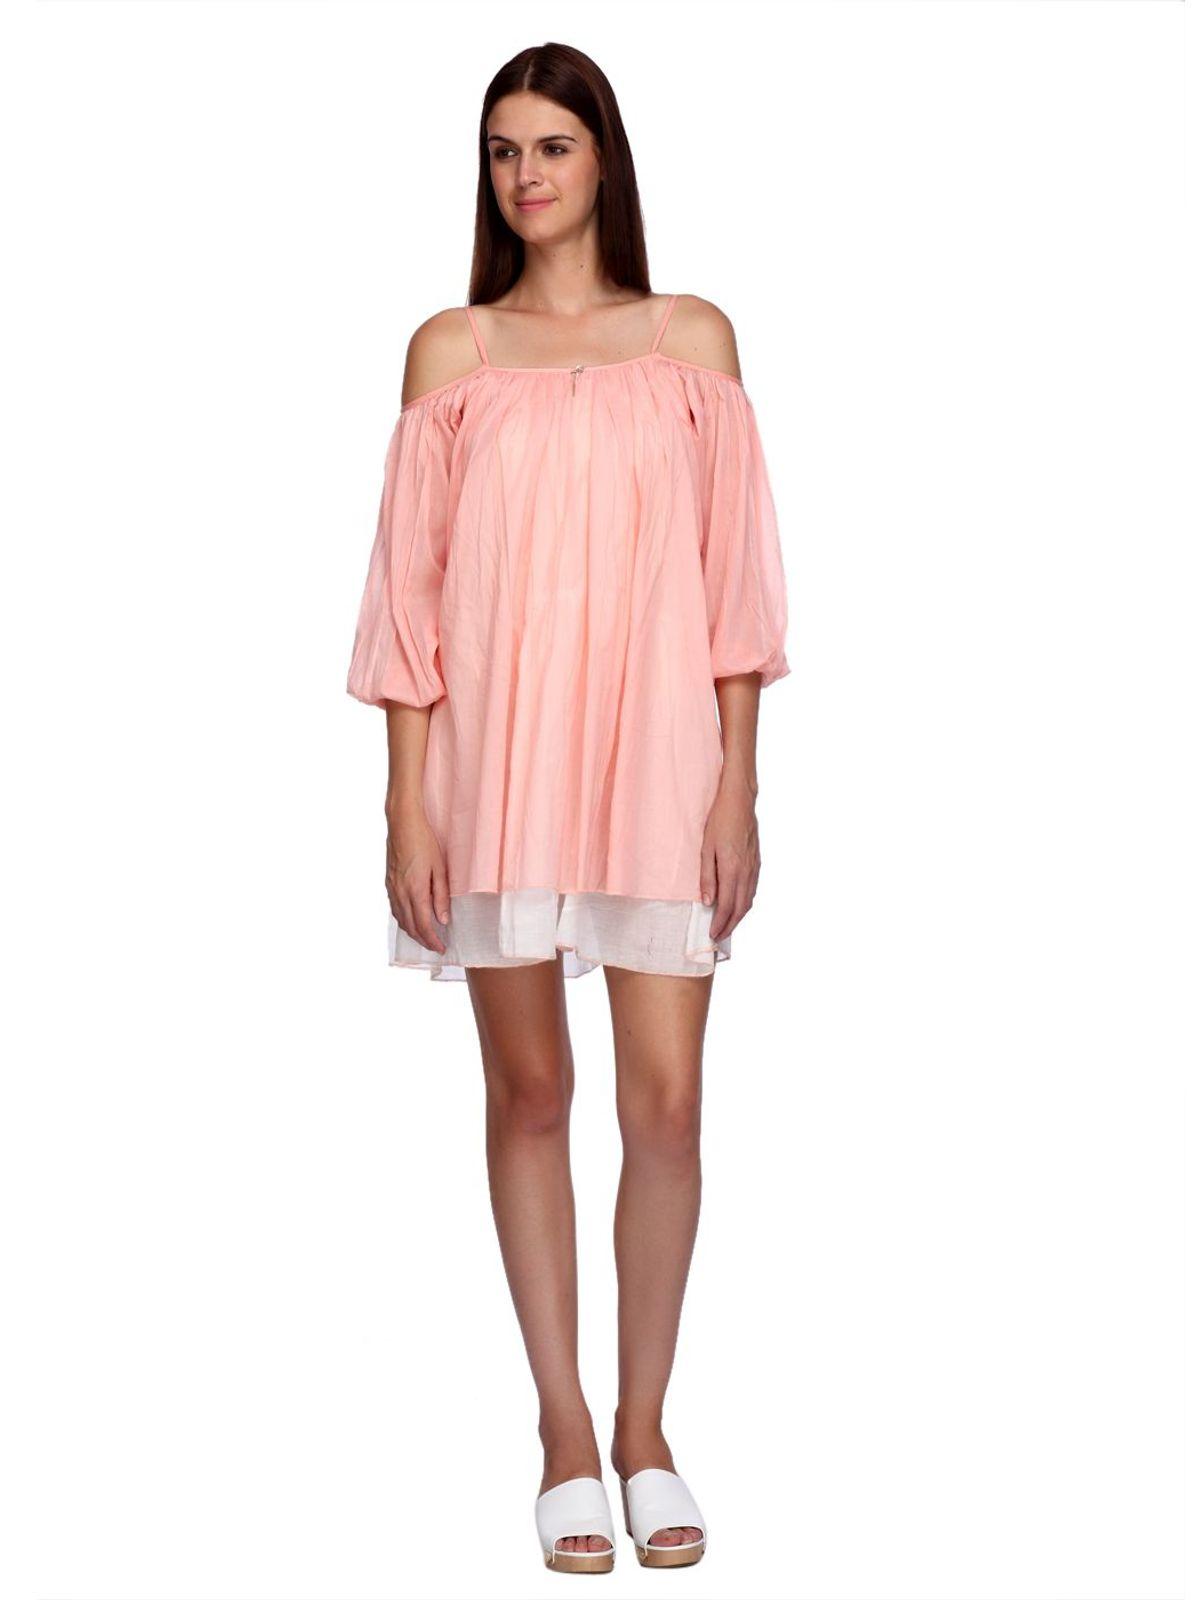 ELLE COLD SHOULDER DRESS